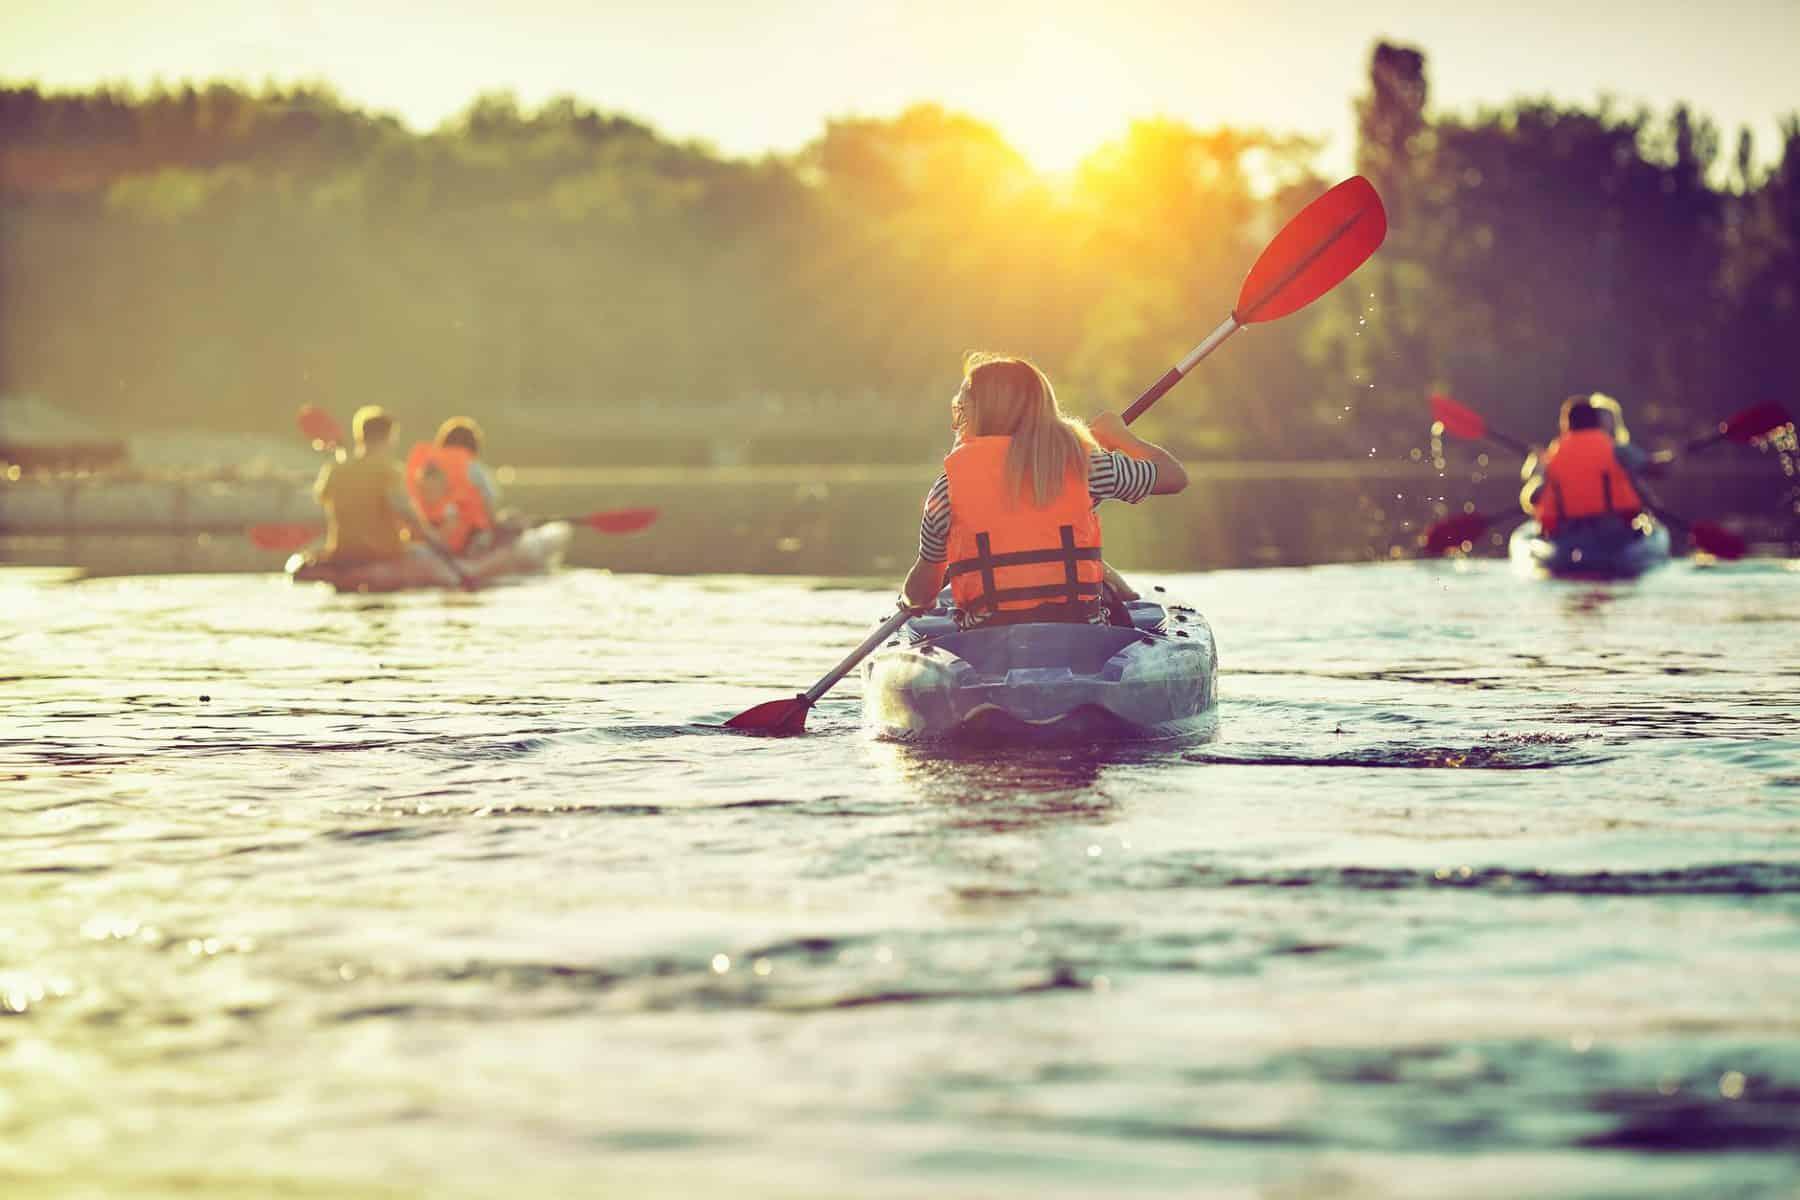 inflatable-vs-hard-kayak